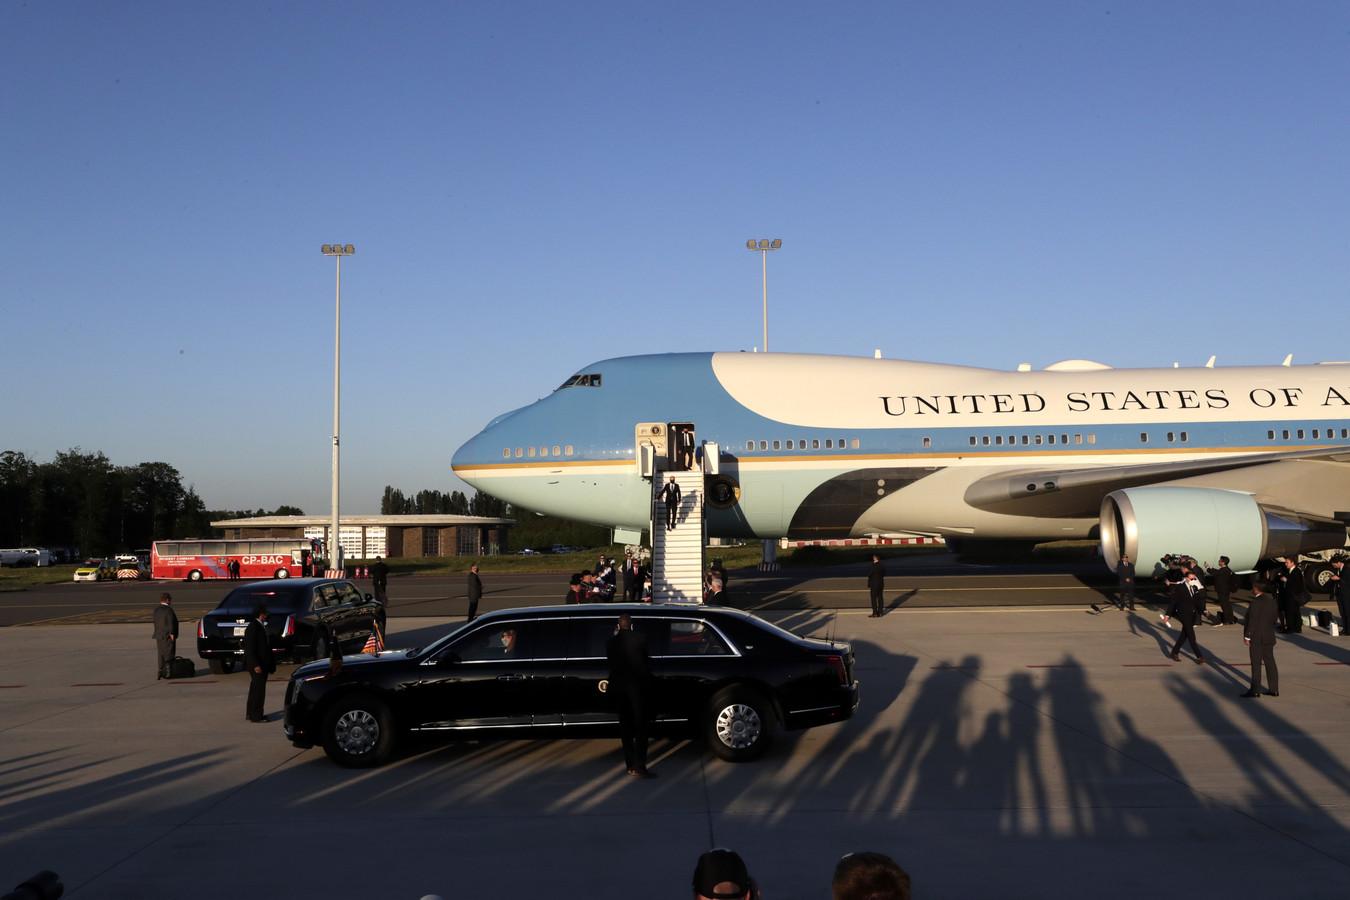 President Biden komt aan op Melsbroek, waar 'The Beast', het presidentiële voertuig, al klaarstaat.